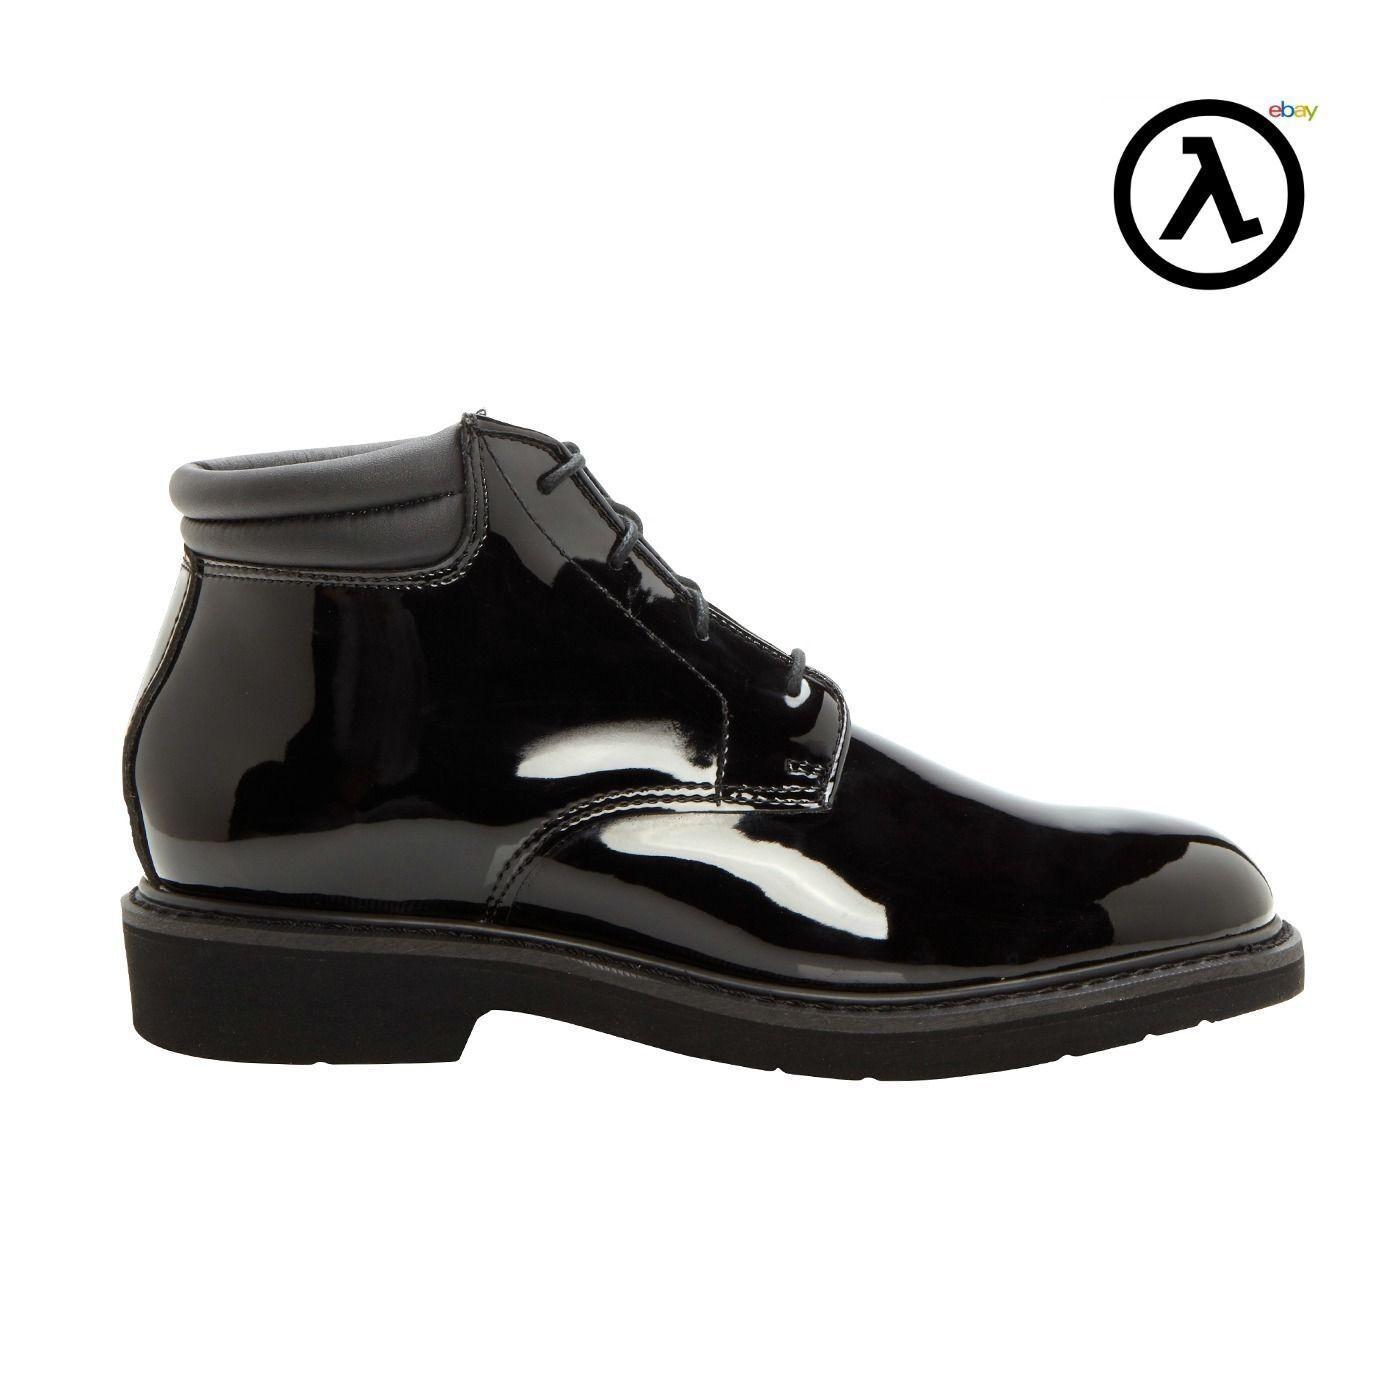 servizio di prima classe ROCKY DRESS LEATHER HIGH GLOSS CHUKKA scarpe FQ00500-8 FQ00500-8 FQ00500-8 - ALL DimensioneS - NEW  con il prezzo economico per ottenere la migliore marca